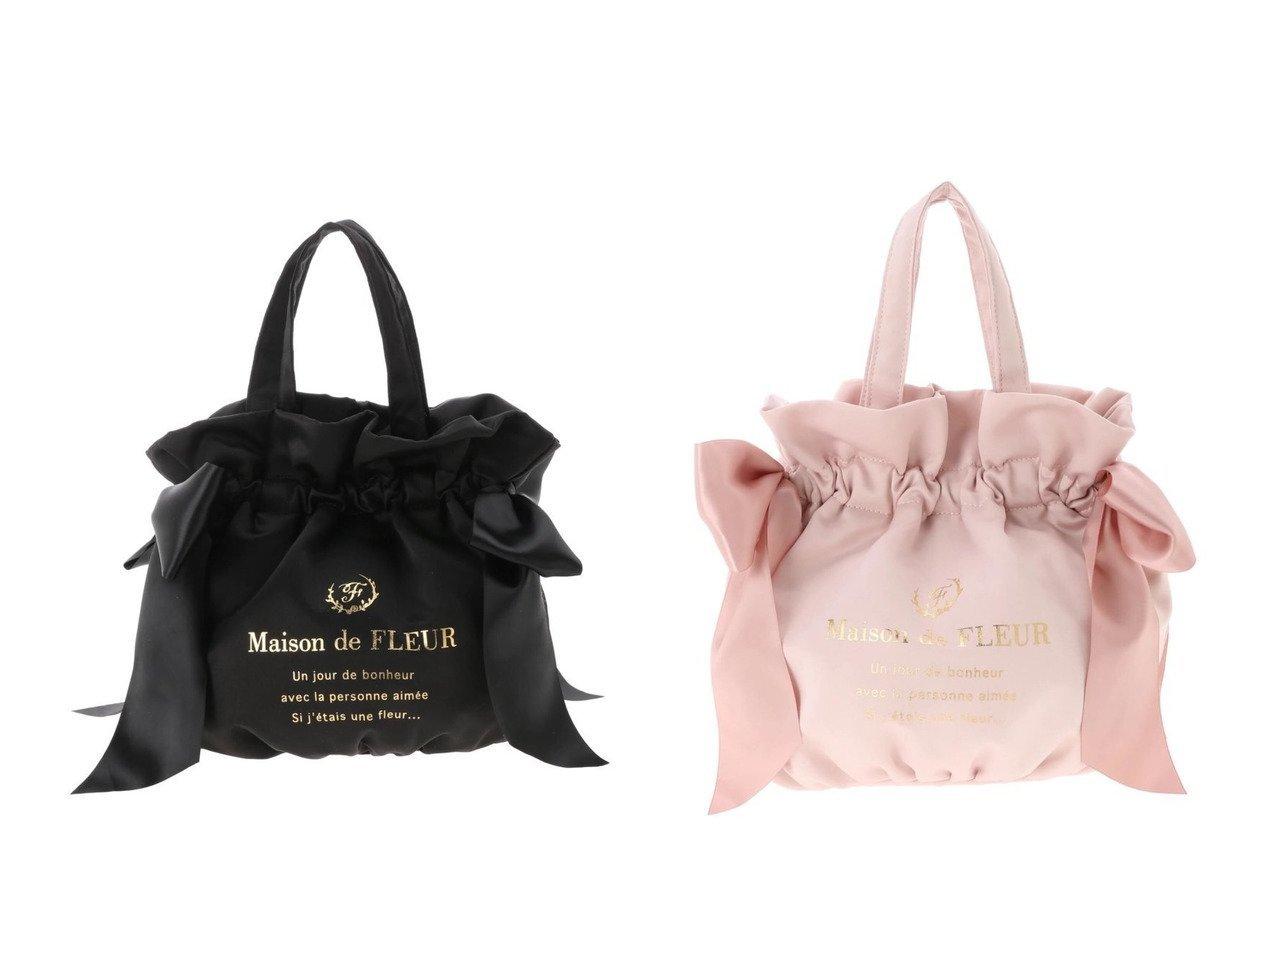 【Maison de FLEUR/メゾンドフルール】のギャザー2Wayトートバッグ 【バッグ・鞄】おすすめ!人気、トレンド・レディースファッションの通販 | レディースファッション・服の通販 founy(ファニー)